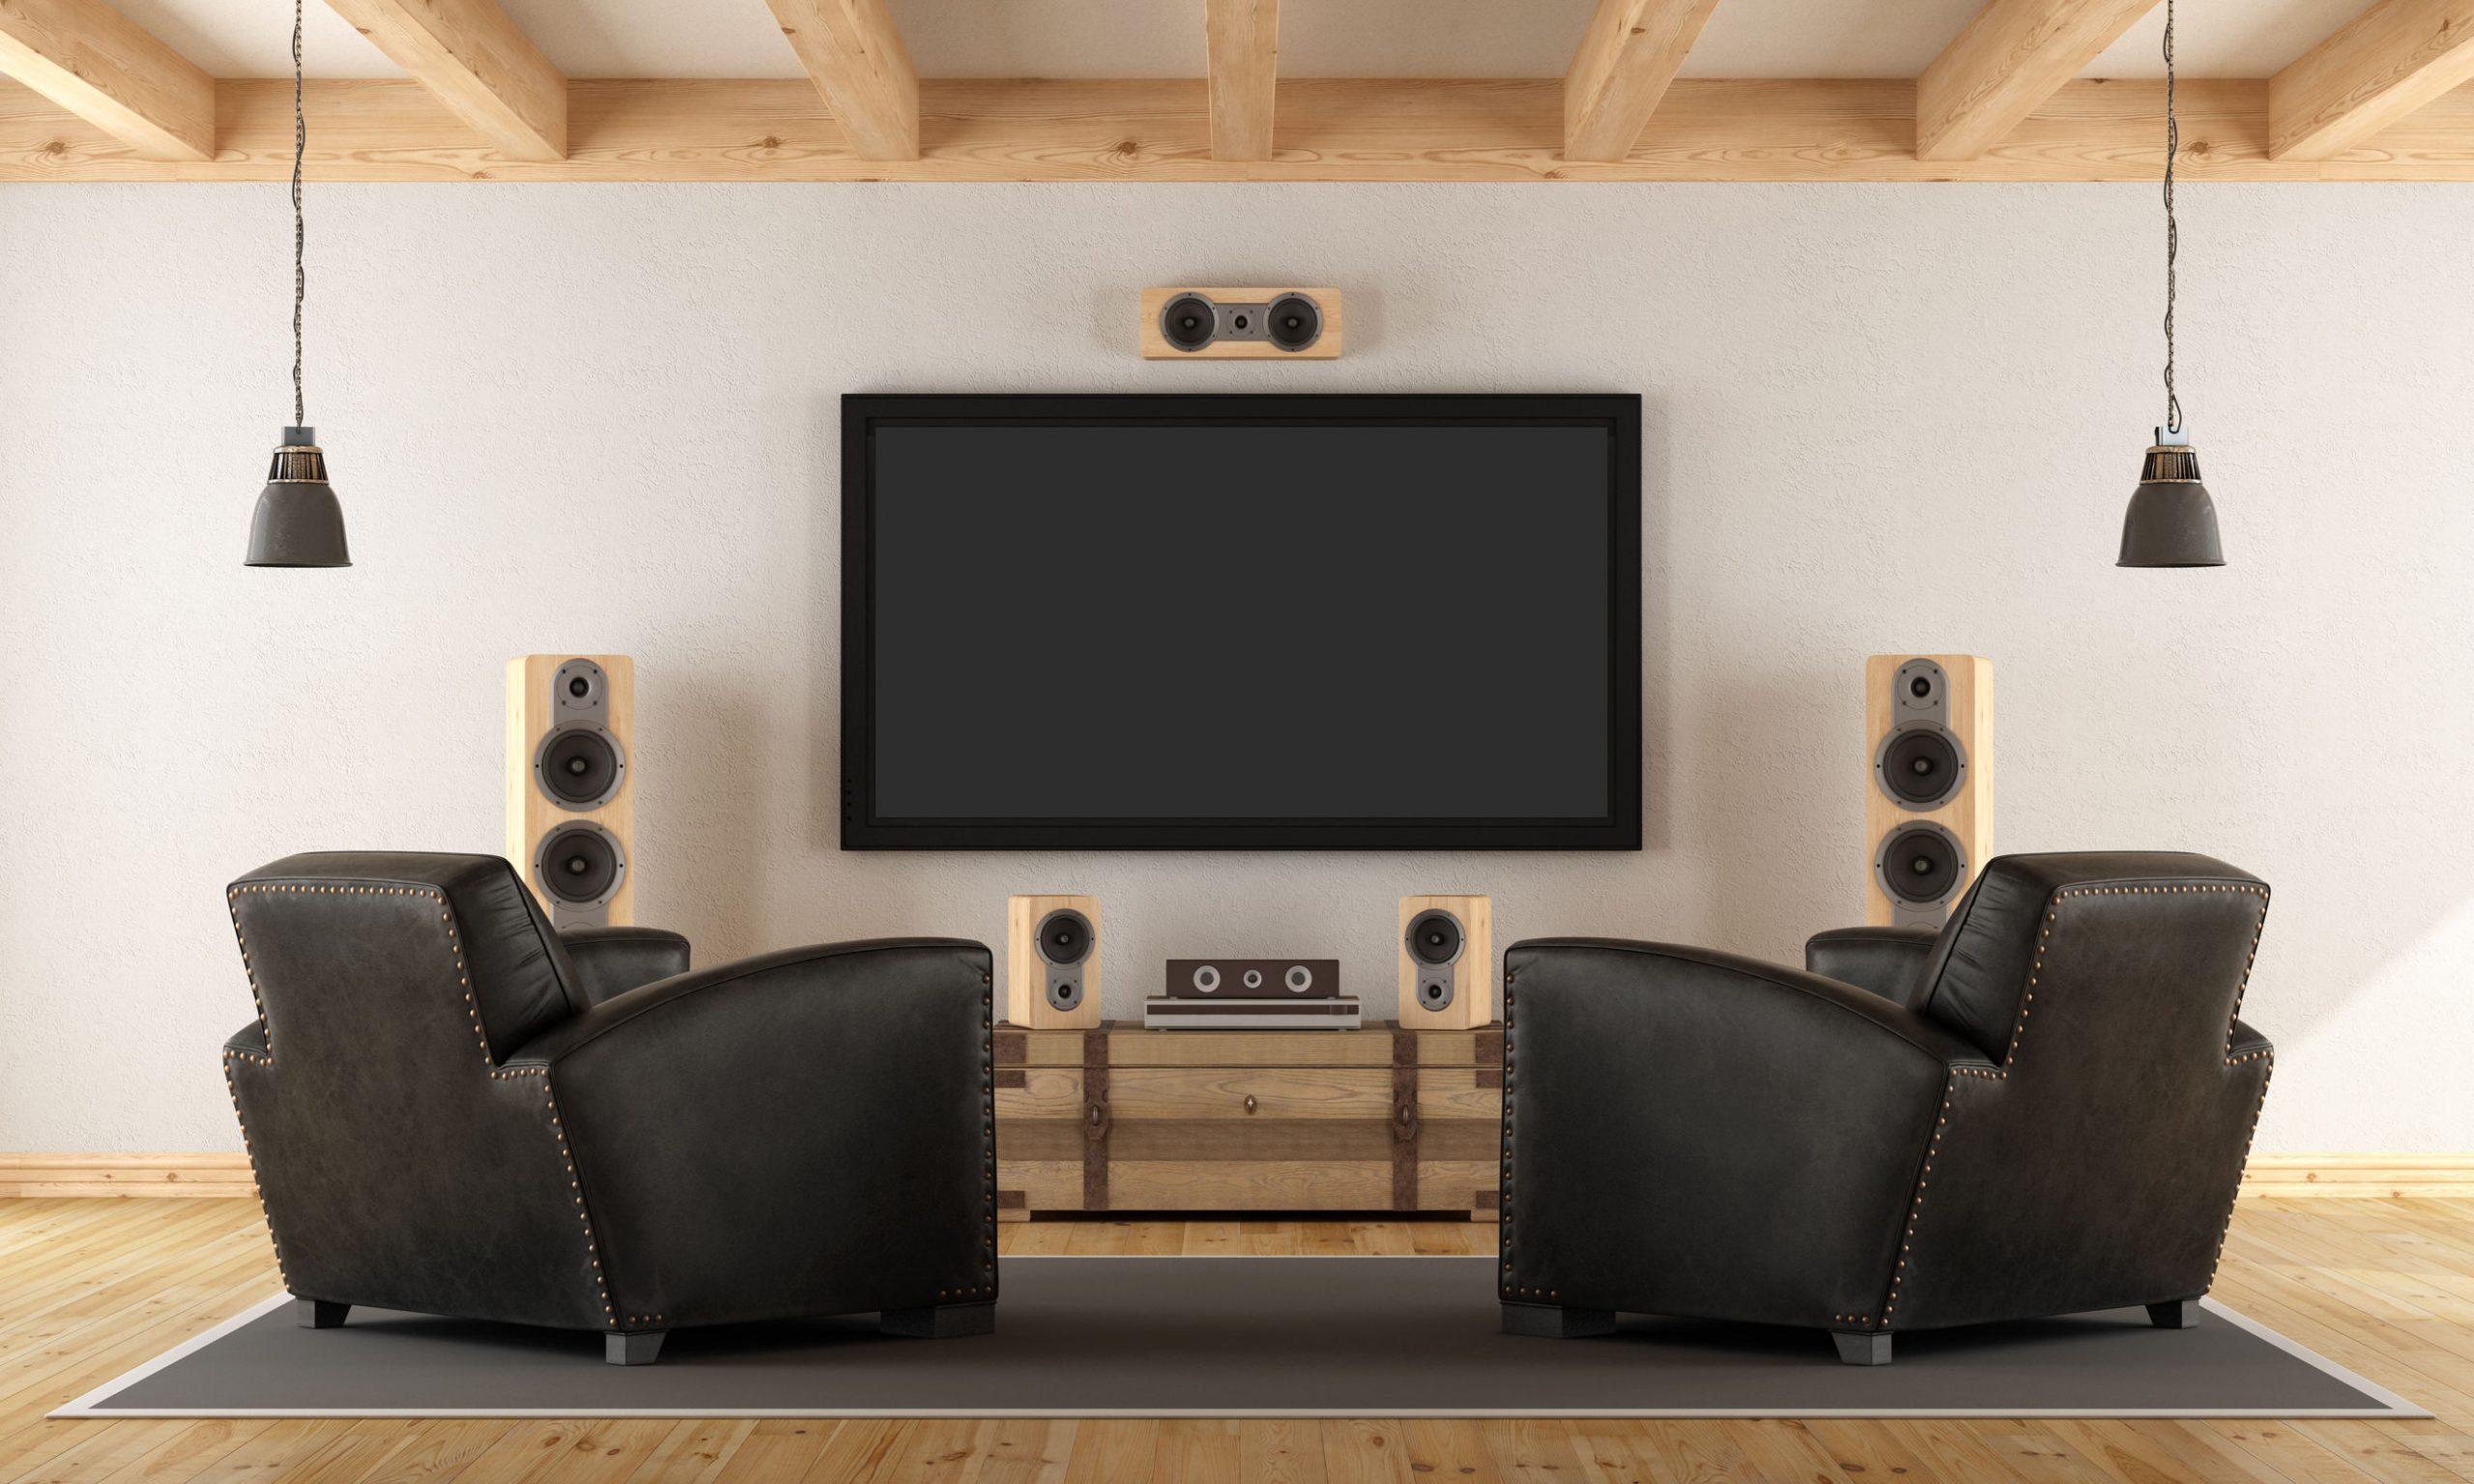 HTPC (Home Theater PC): ¿Cuál es el mejor del 2020?